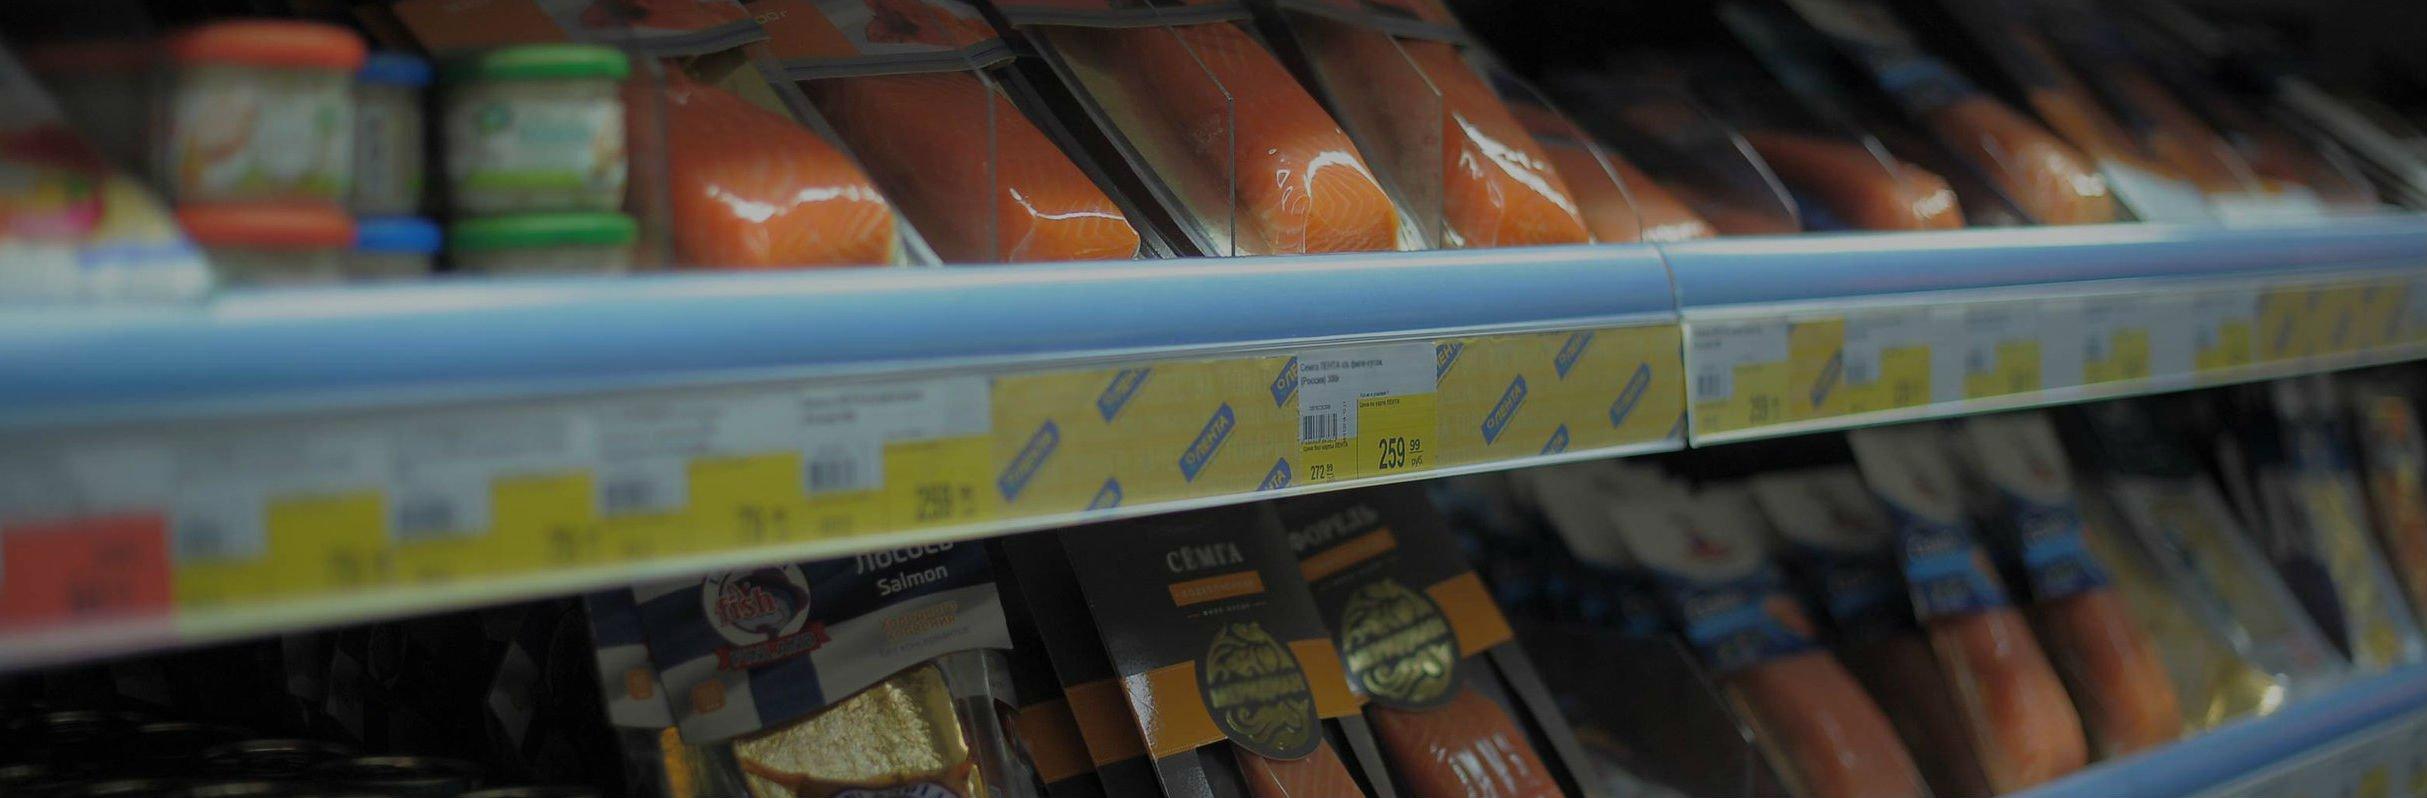 2behind-the-barcodes-supermarket-.jpg